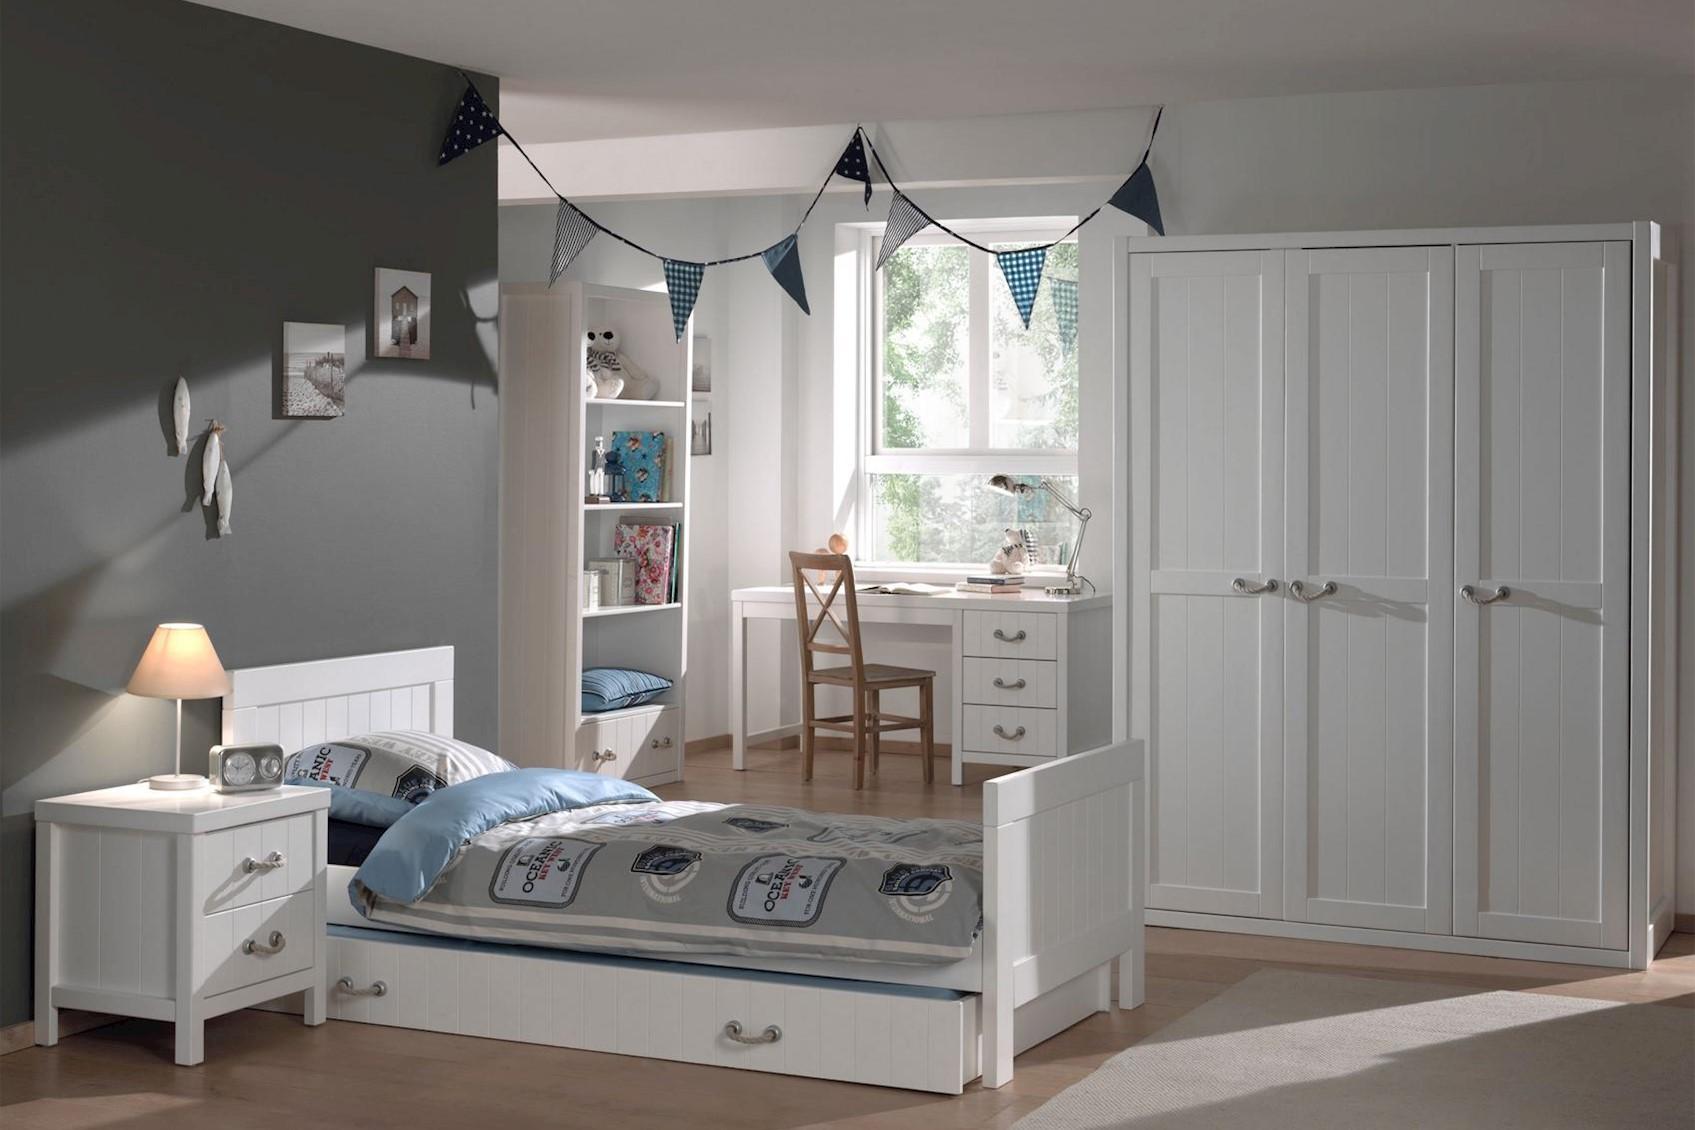 Jugendzimmer komplett Set Iny 6-teilig in Weiß MDF